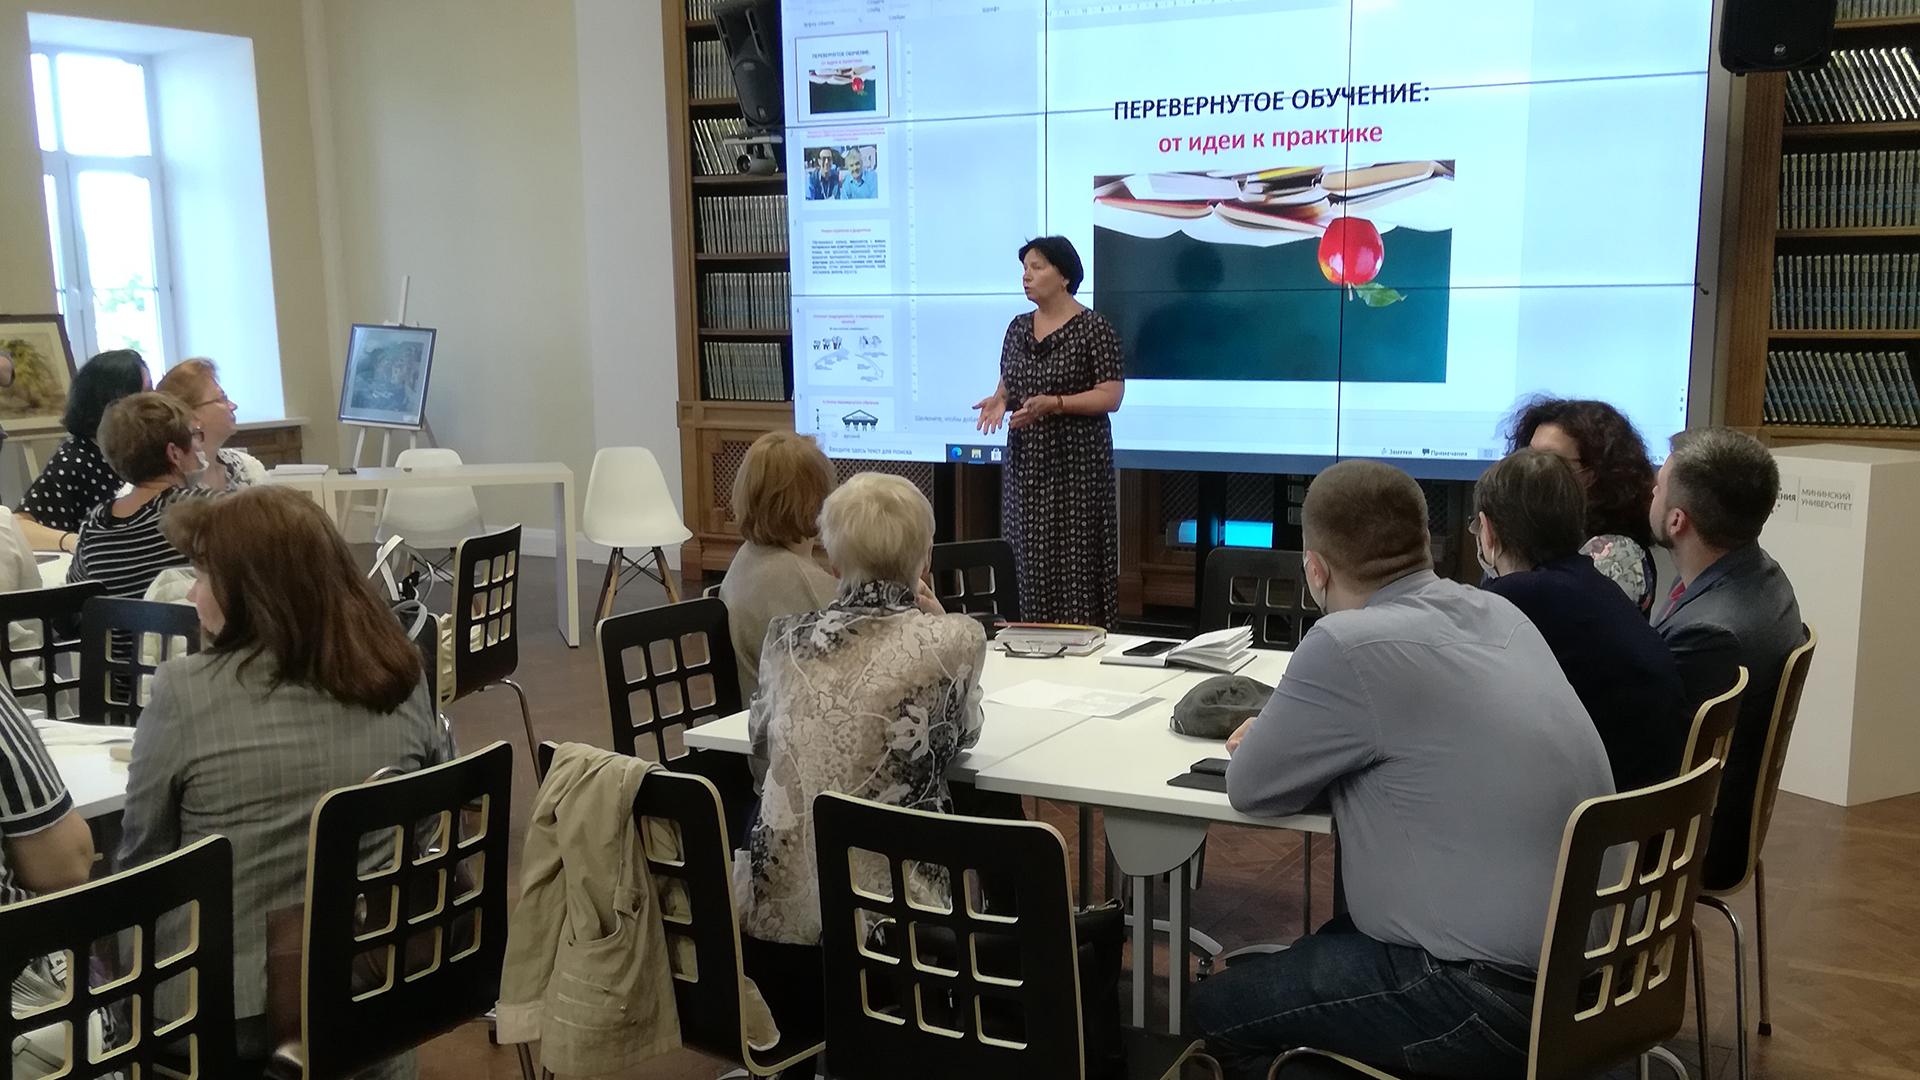 """В Мининском университете проведена проектная сессия в рамках реализации проекта «Внедрение технологии """"flipped classroom"""" в линейный образовательный процесс вуза»"""